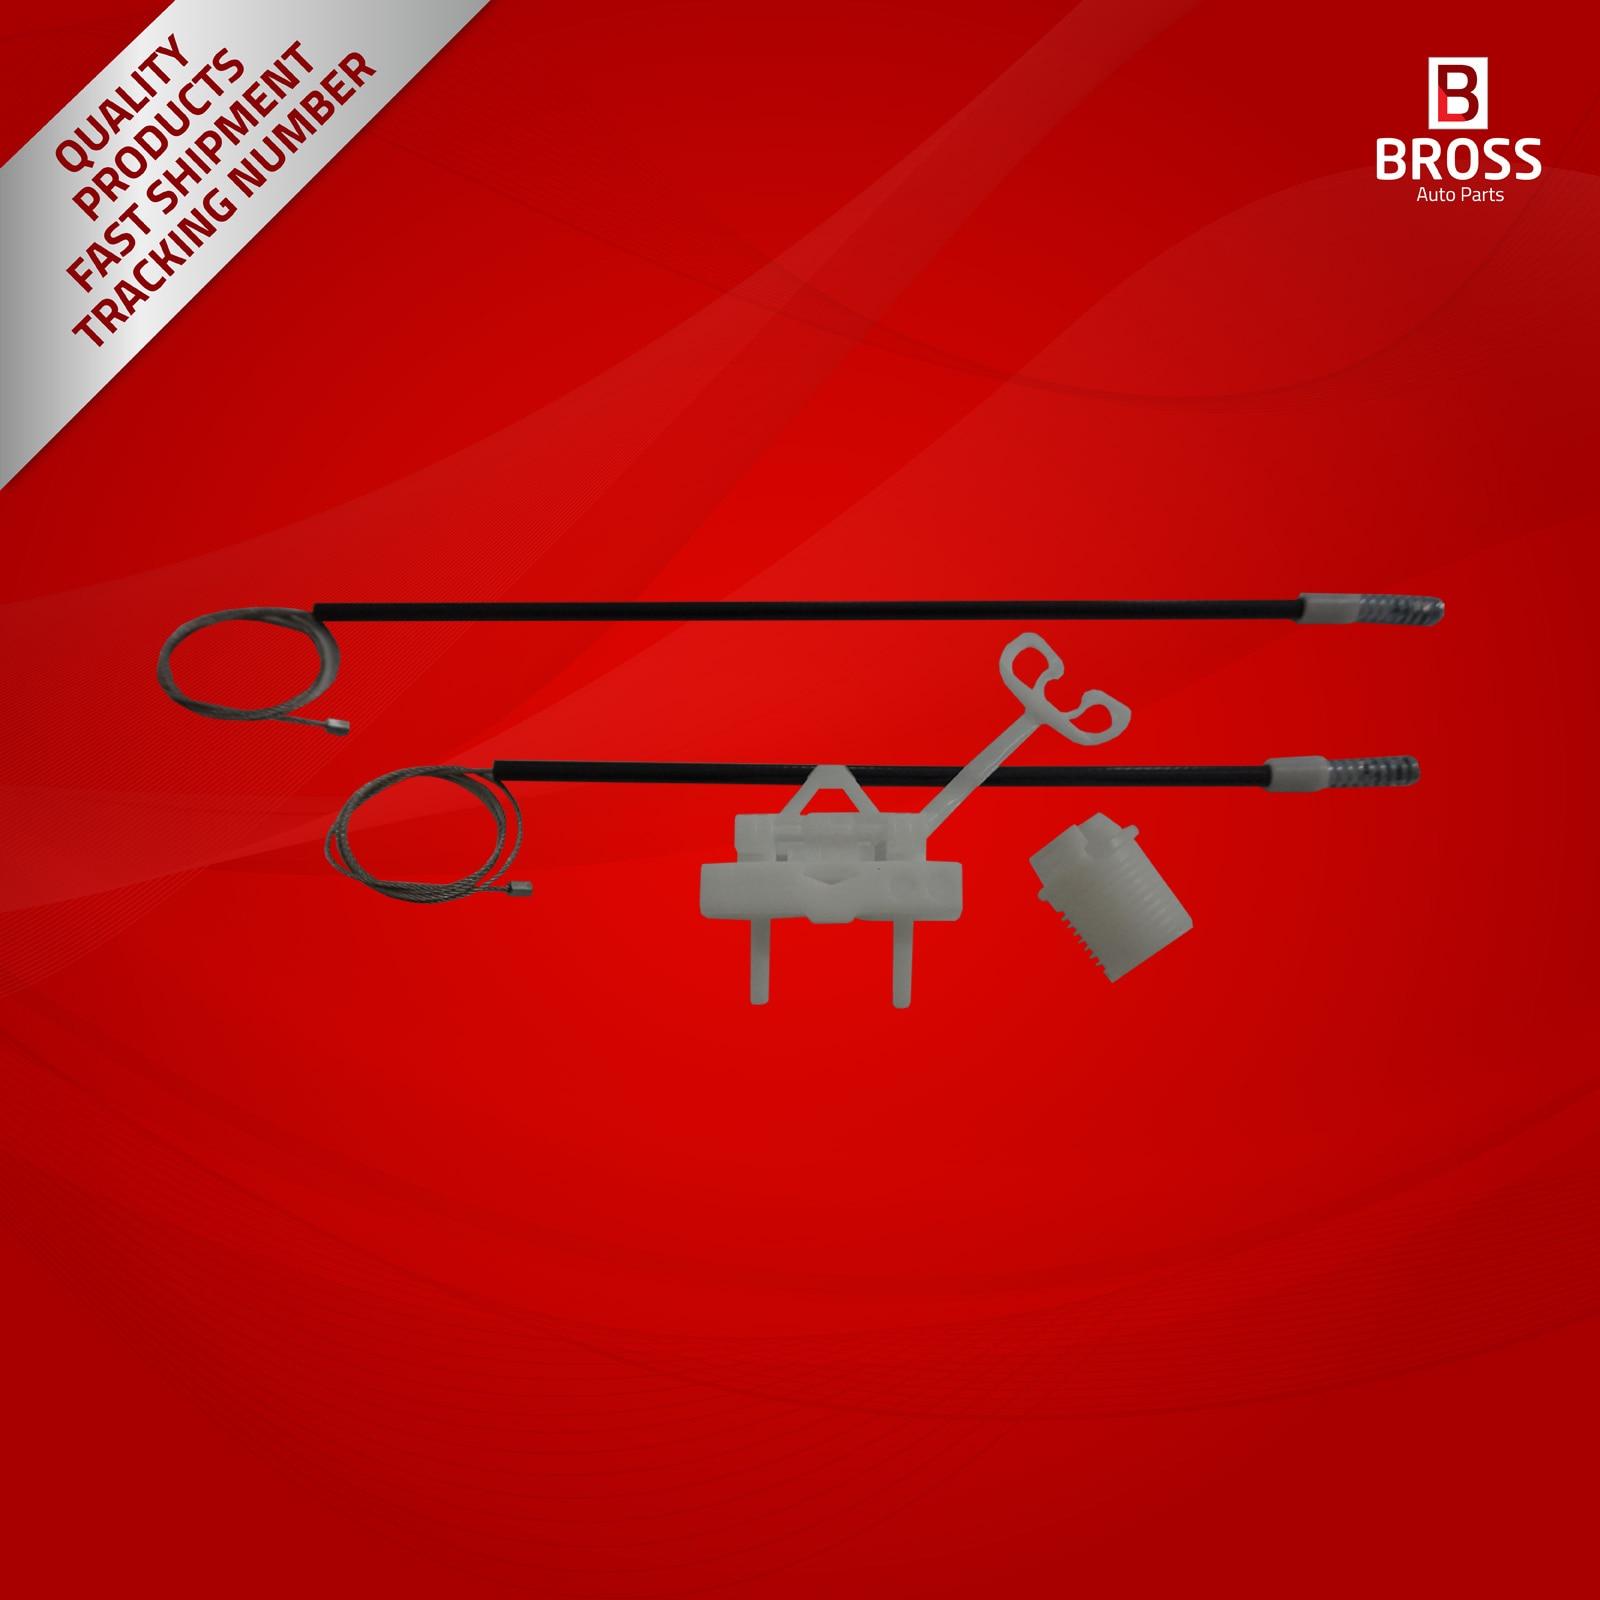 BWR5182 マニュアルウインドレギュレータ 51723323 修理セットリア右ため Punto 199